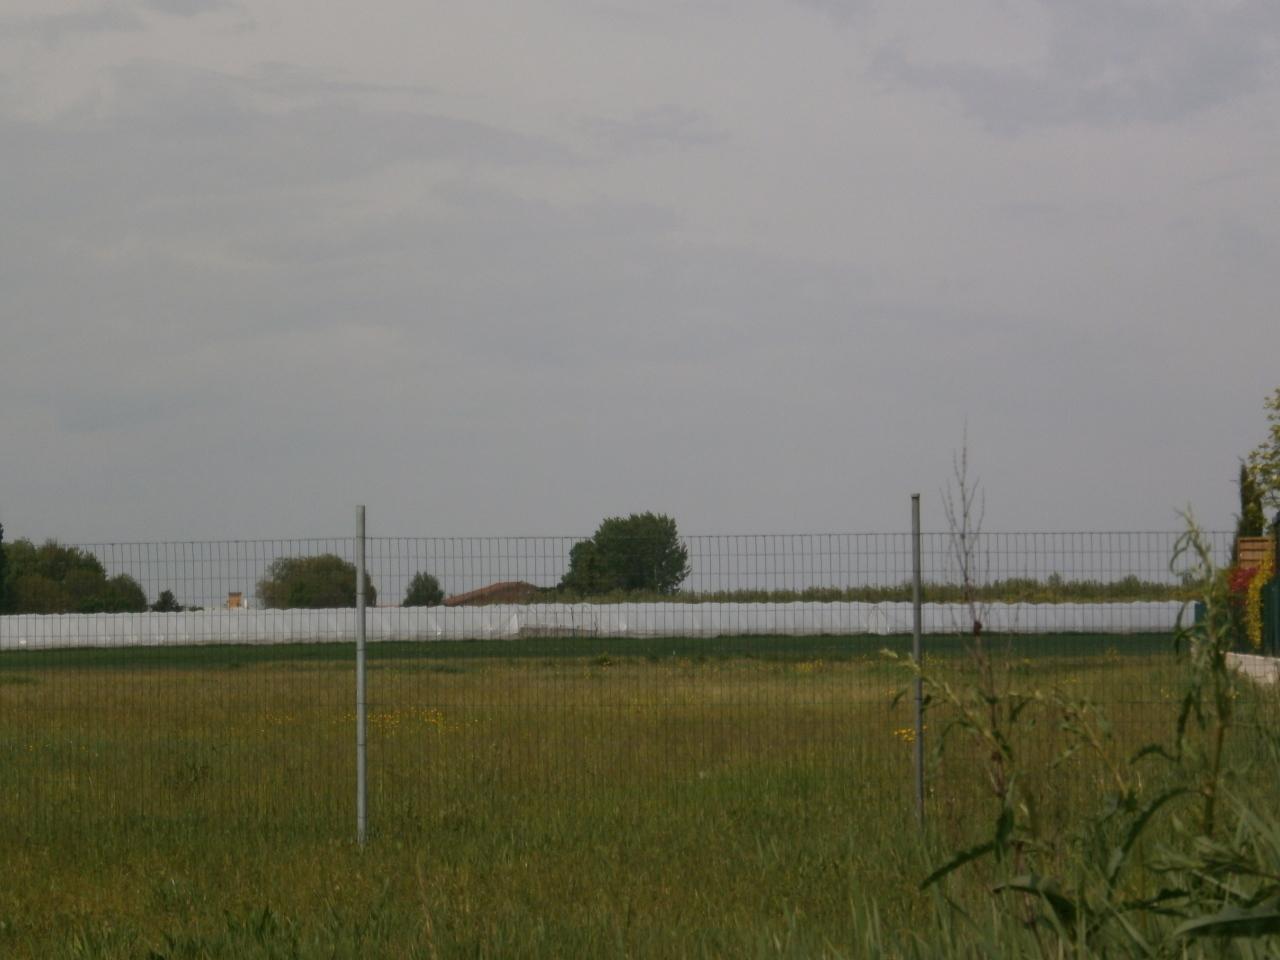 Terreno Agricolo in vendita a Orgiano, 1 locali, Trattative riservate | CambioCasa.it